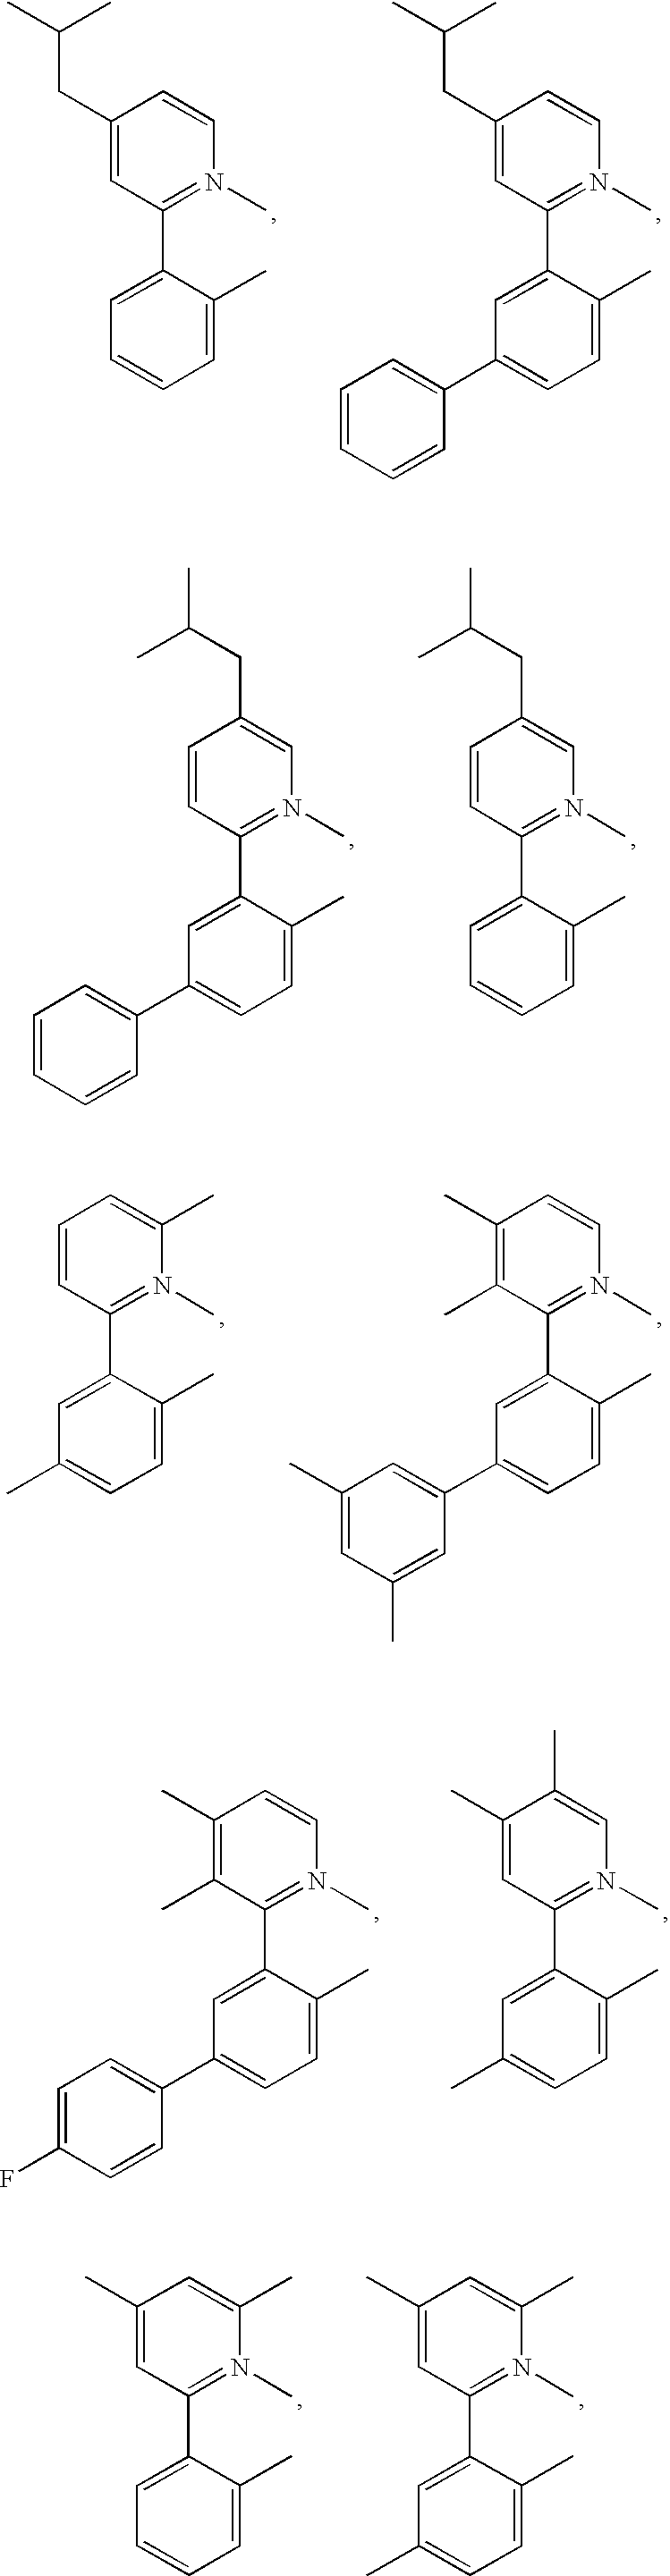 Figure US20090108737A1-20090430-C00226